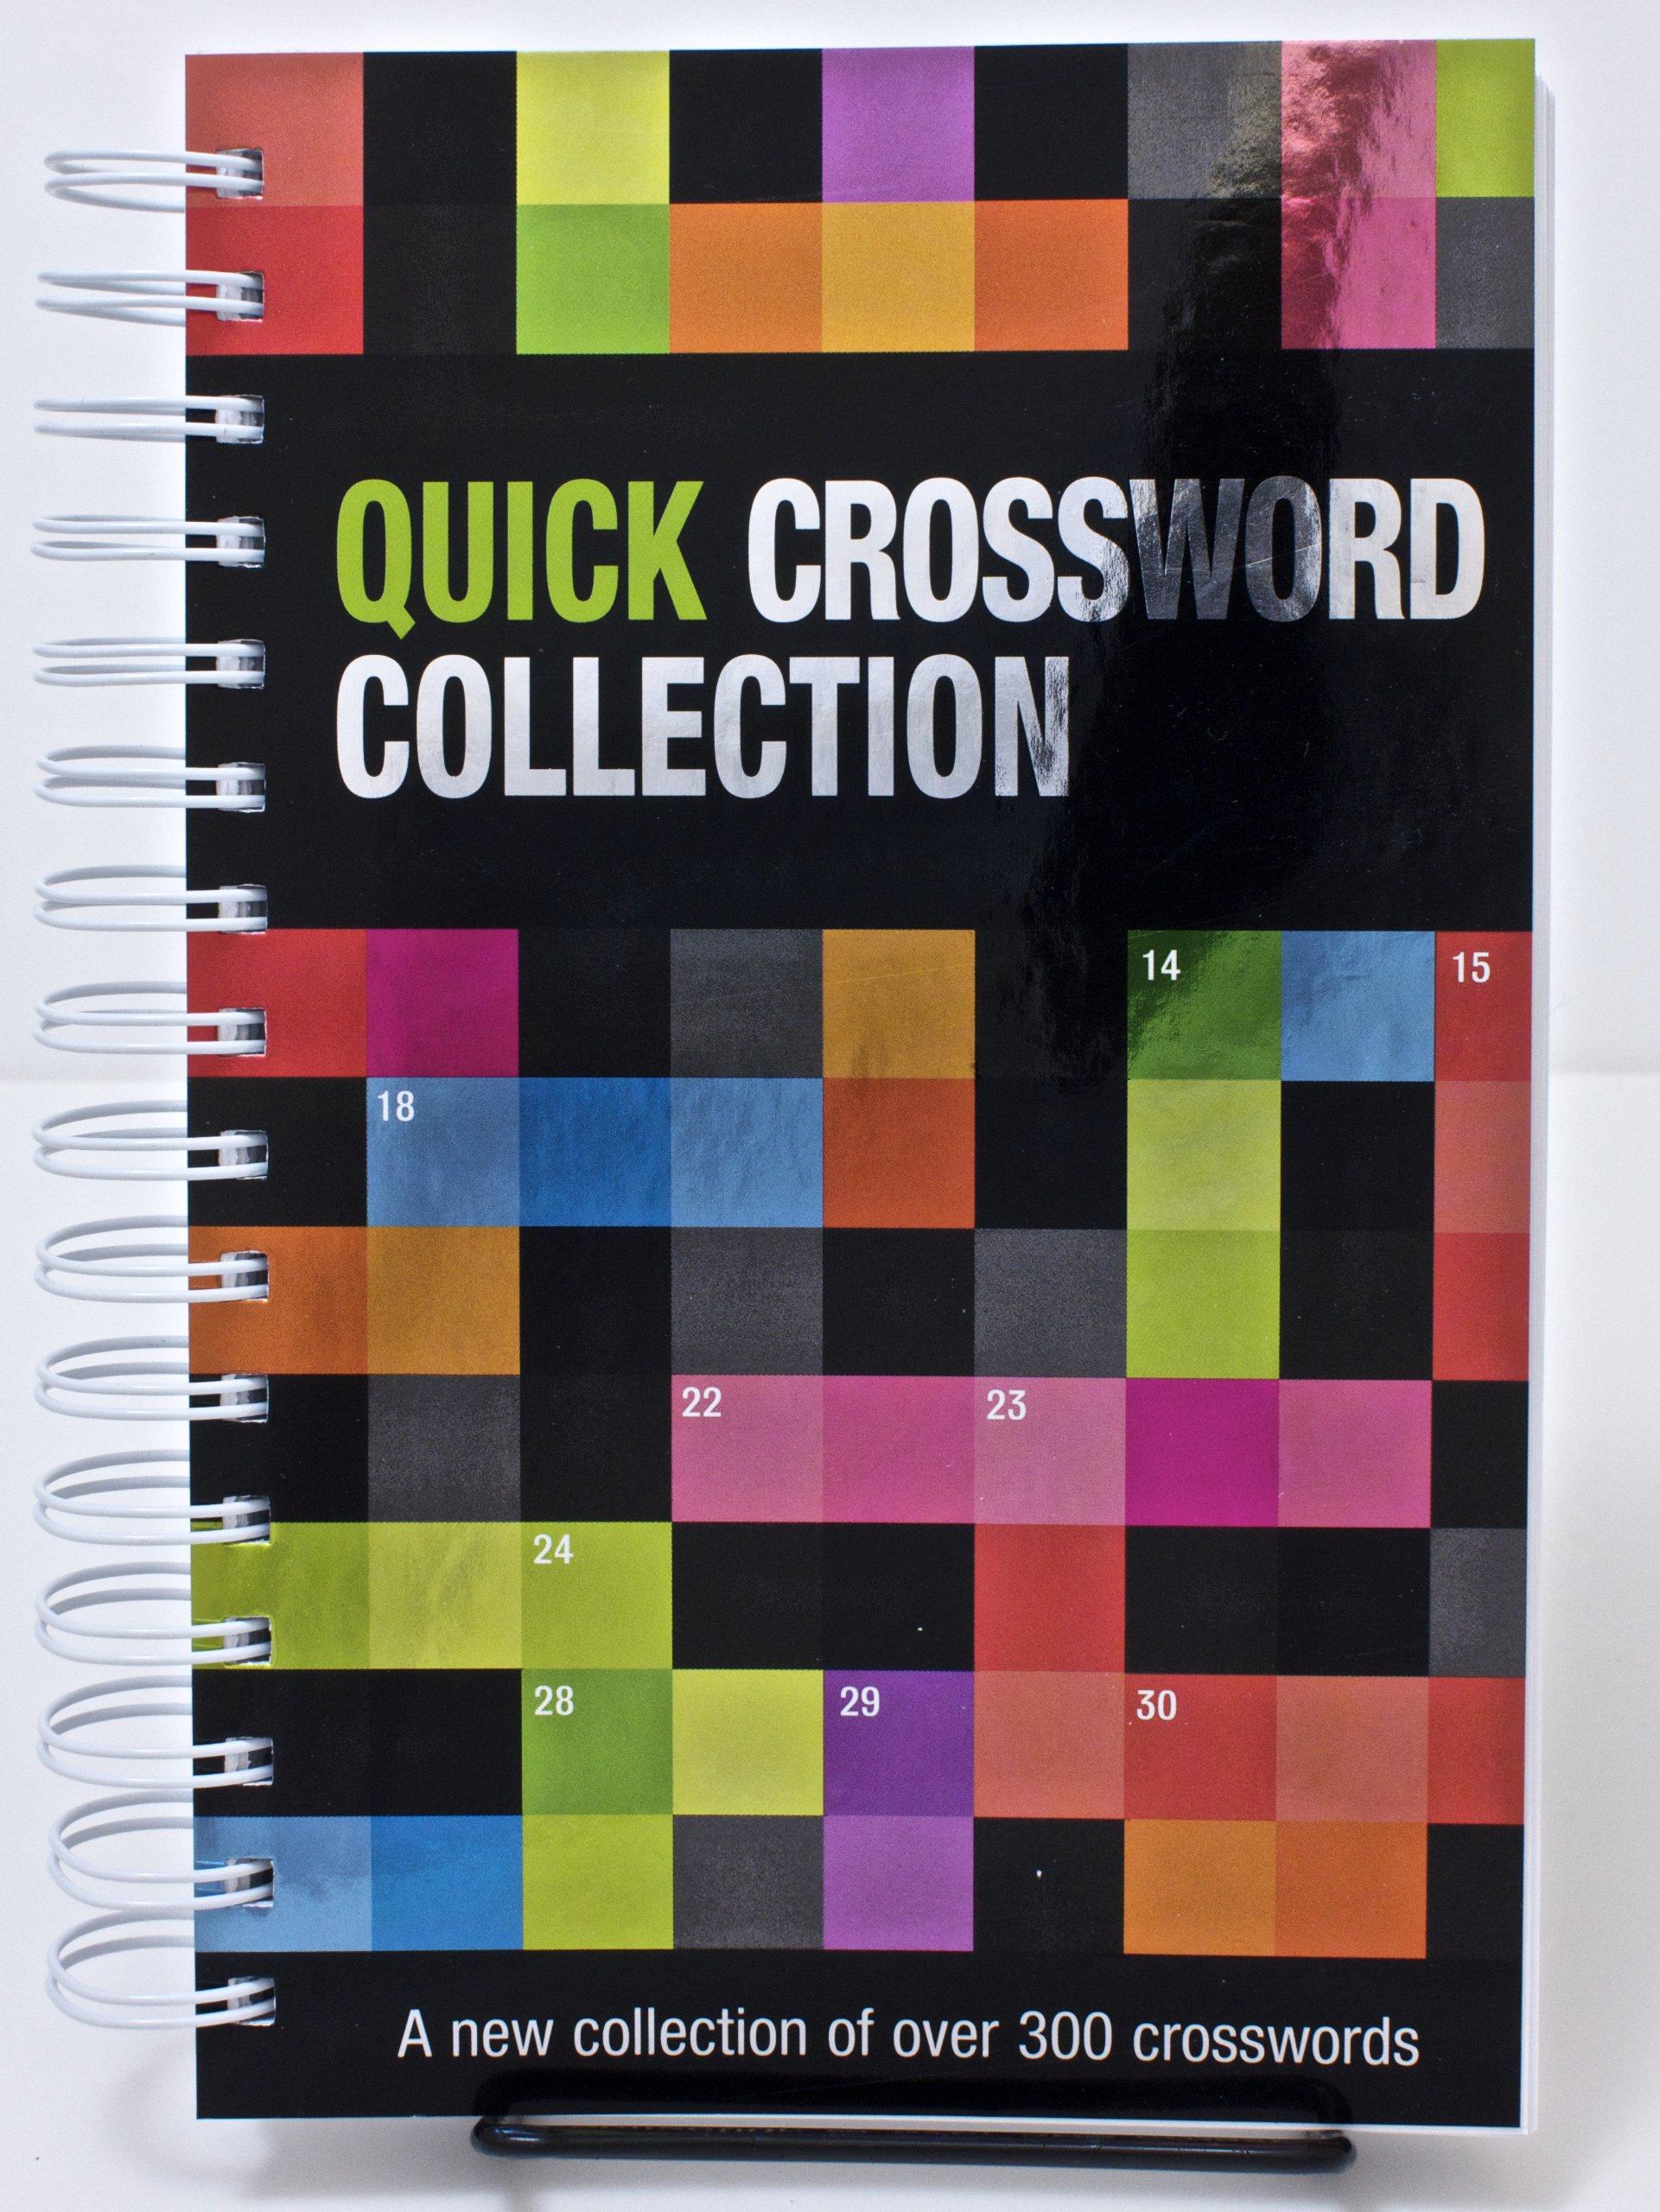 Quick lunch crossword clue